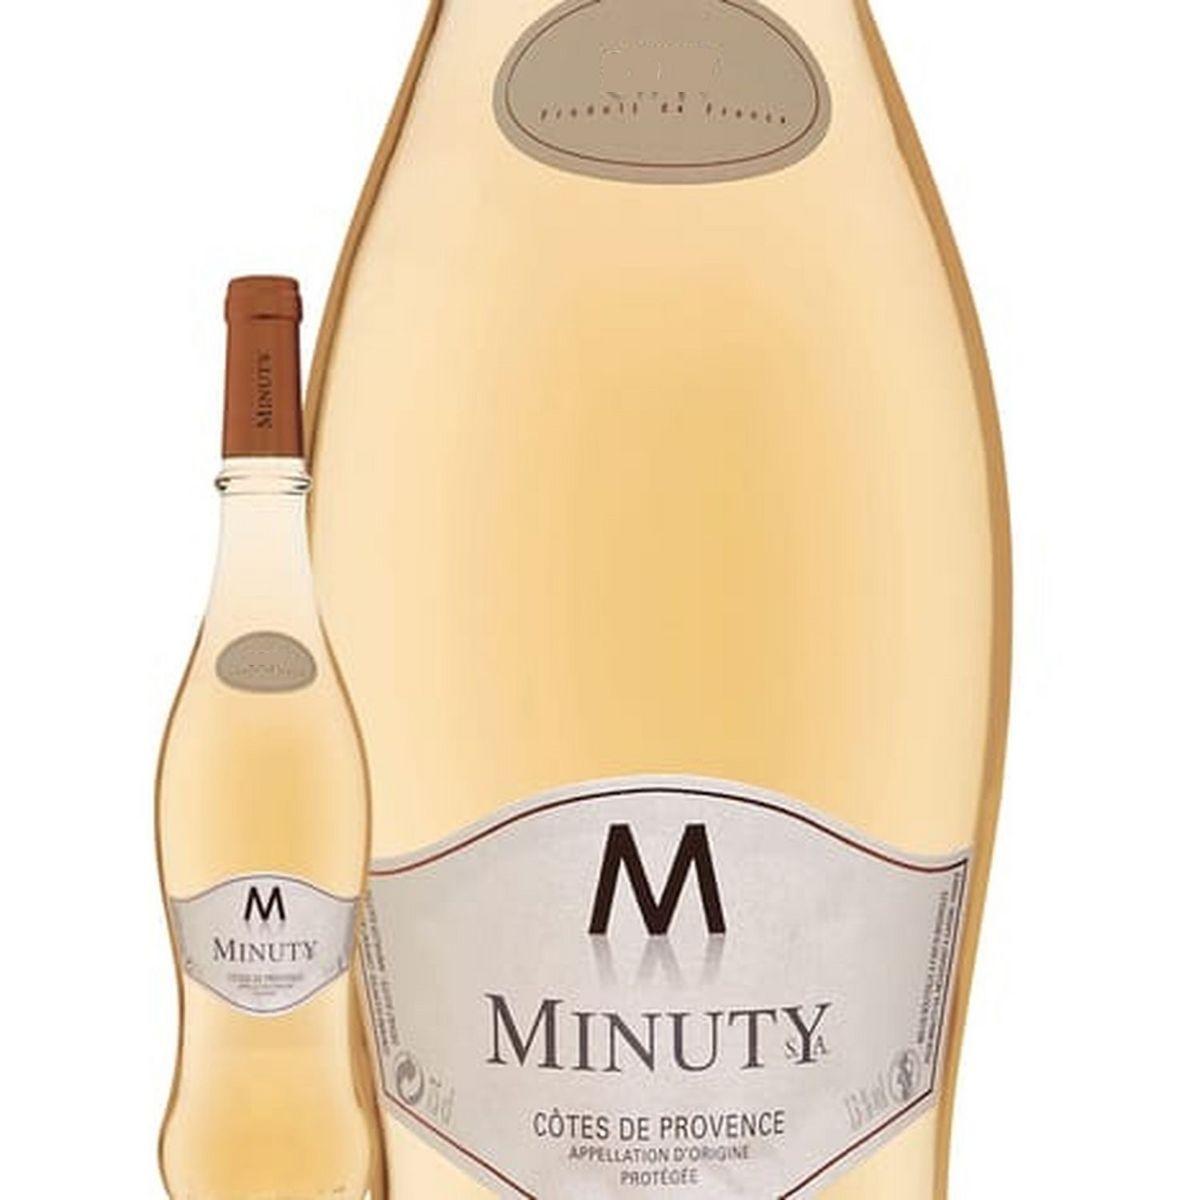 Côtes de Provence Château de Minuty